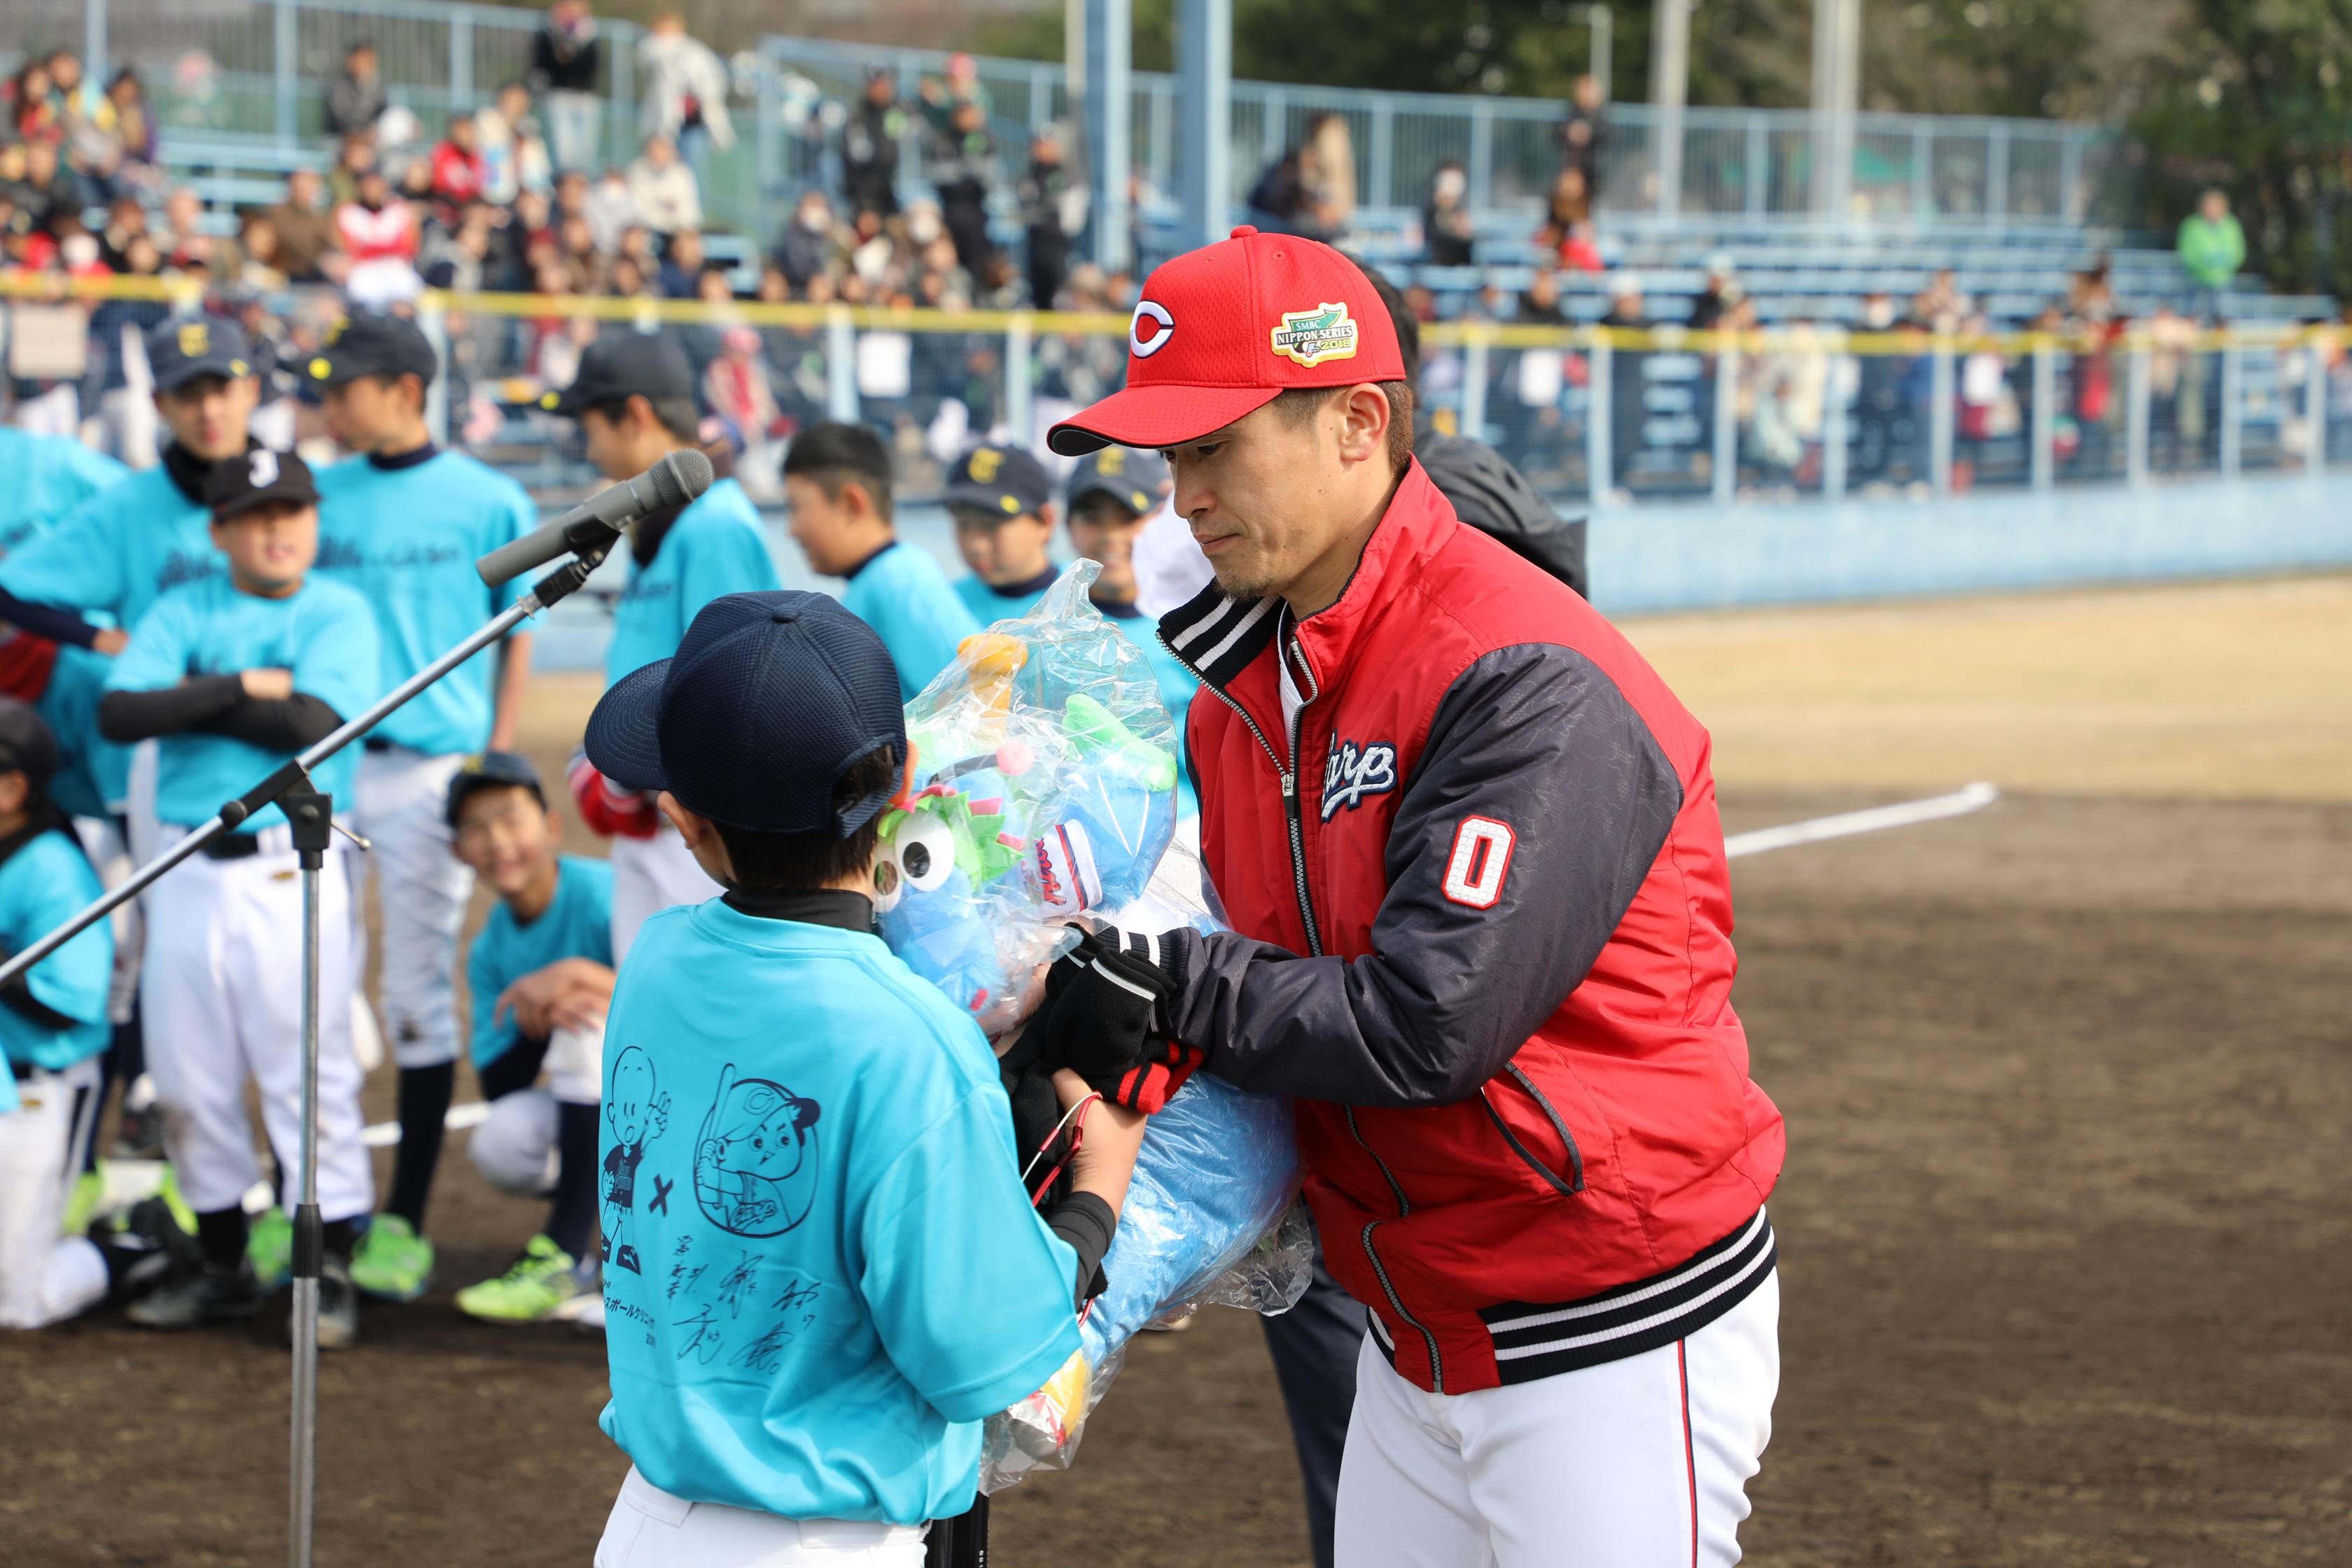 じゃんけんで勝ち残った参加者に広島東洋カープのマスコット・スラィリーを贈る上本選手